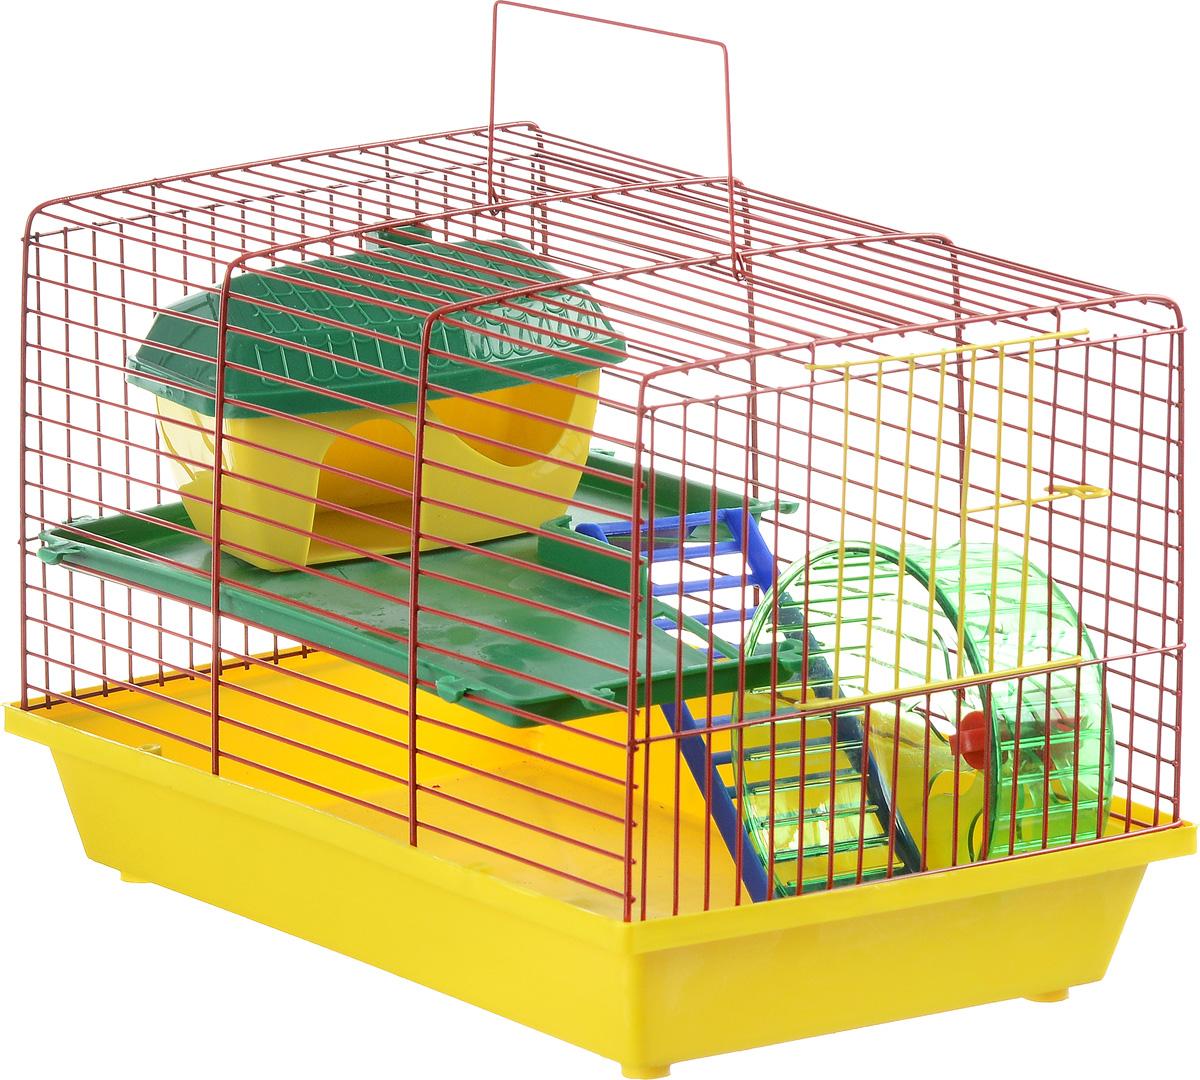 Клетка для грызунов ЗооМарк, 2-этажная, цвет: желтый поддон, красная решетка, зеленый этаж, 36 х 23 х 24 см125_желтый, красный, зеленыйКлетка ЗооМарк, выполненная из полипропилена и металла, подходит для мелких грызунов. Изделие двухэтажное, оборудовано колесом для подвижных игр и пластиковым домиком. Клетка имеет яркий поддон, удобна в использовании и легко чистится. Сверху имеется ручка для переноски, а сбоку удобная дверца. Такая клетка станет уединенным личным пространством и уютным домиком для маленького грызуна.